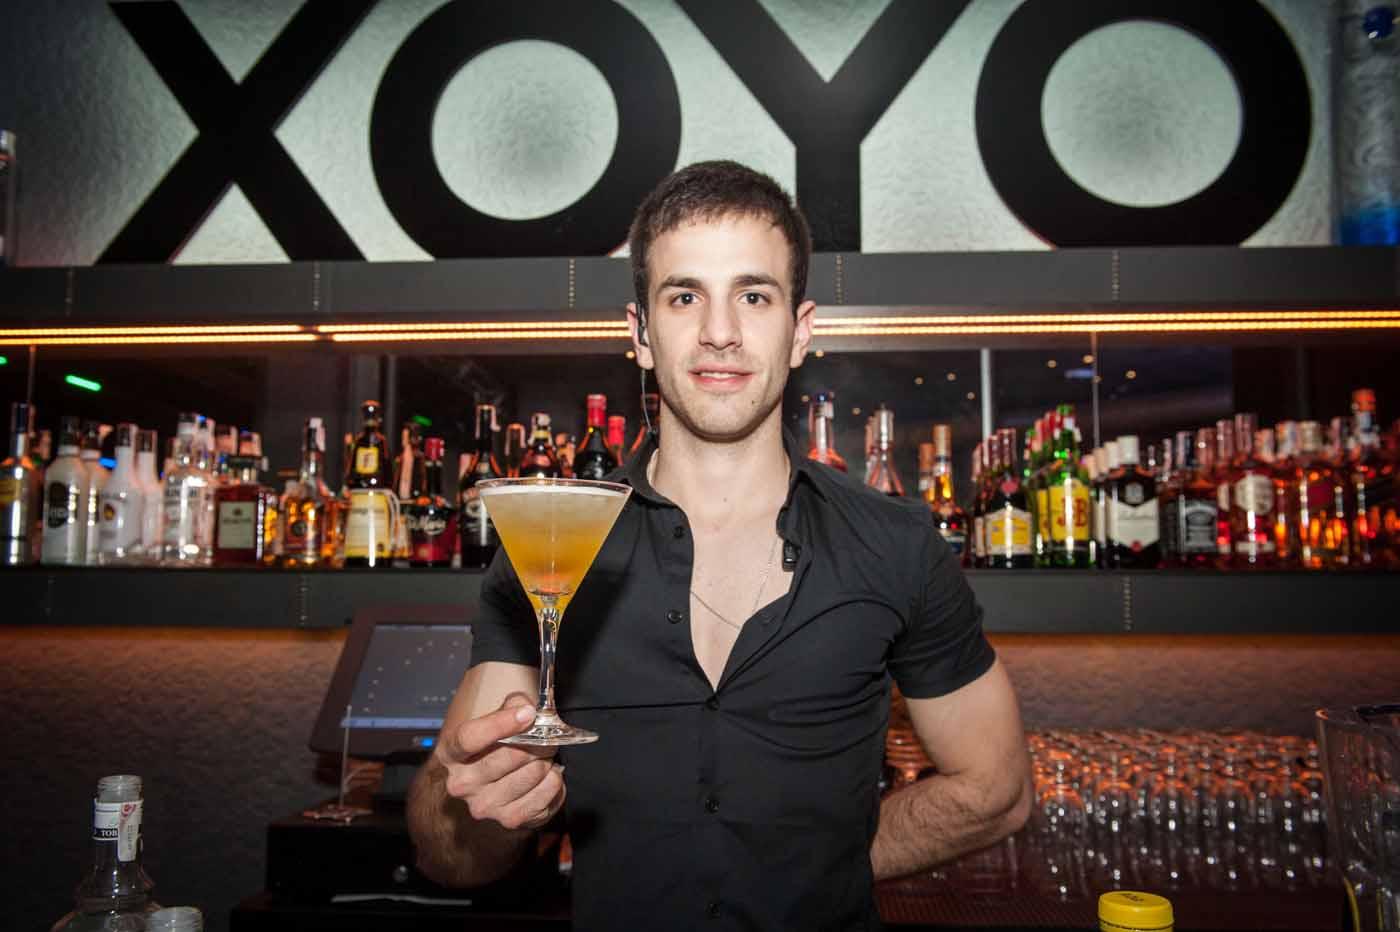 Bar Xoyo es sinónimo de variedad y diversión